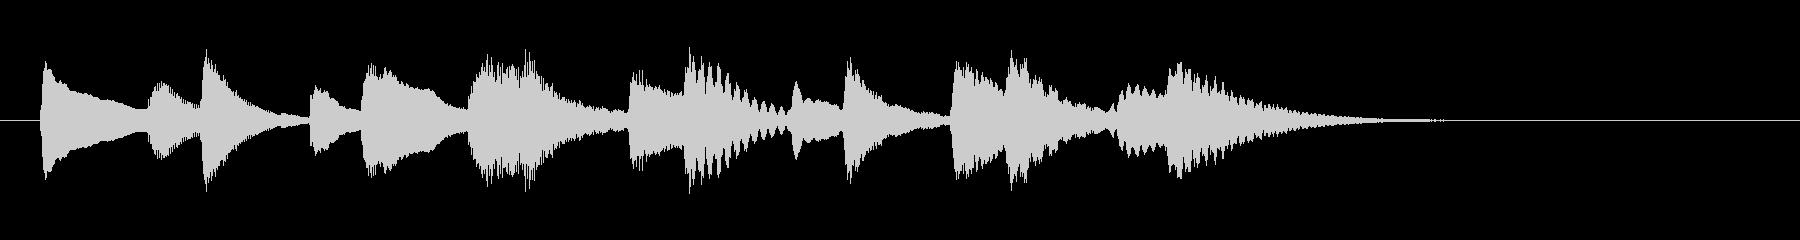 和やか落ち着き木琴マリンバ三重奏ジングルの未再生の波形